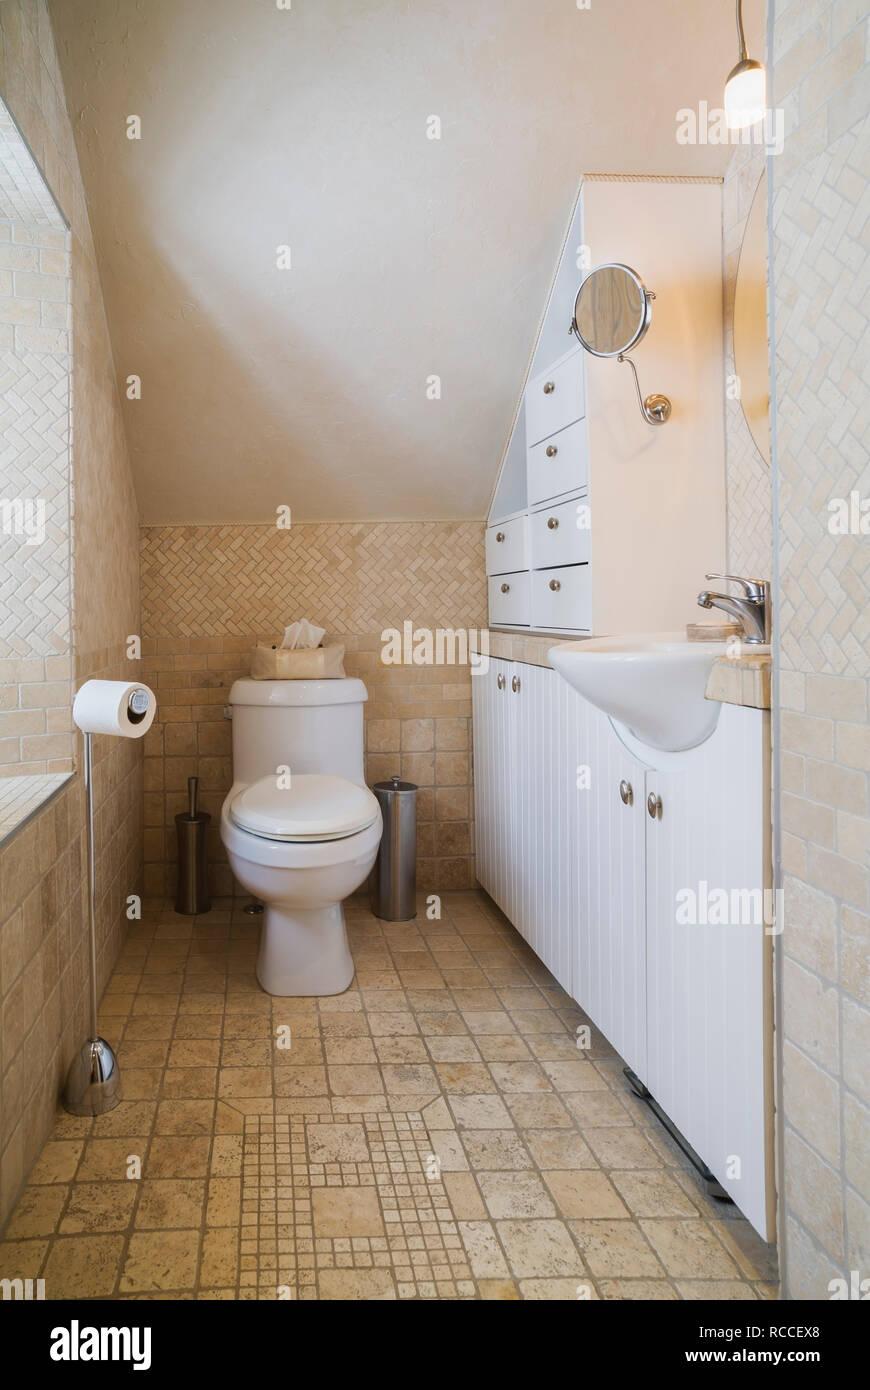 Badezimmer mit Fliesen aus Travertin auf dem oberen Boden in einem ...